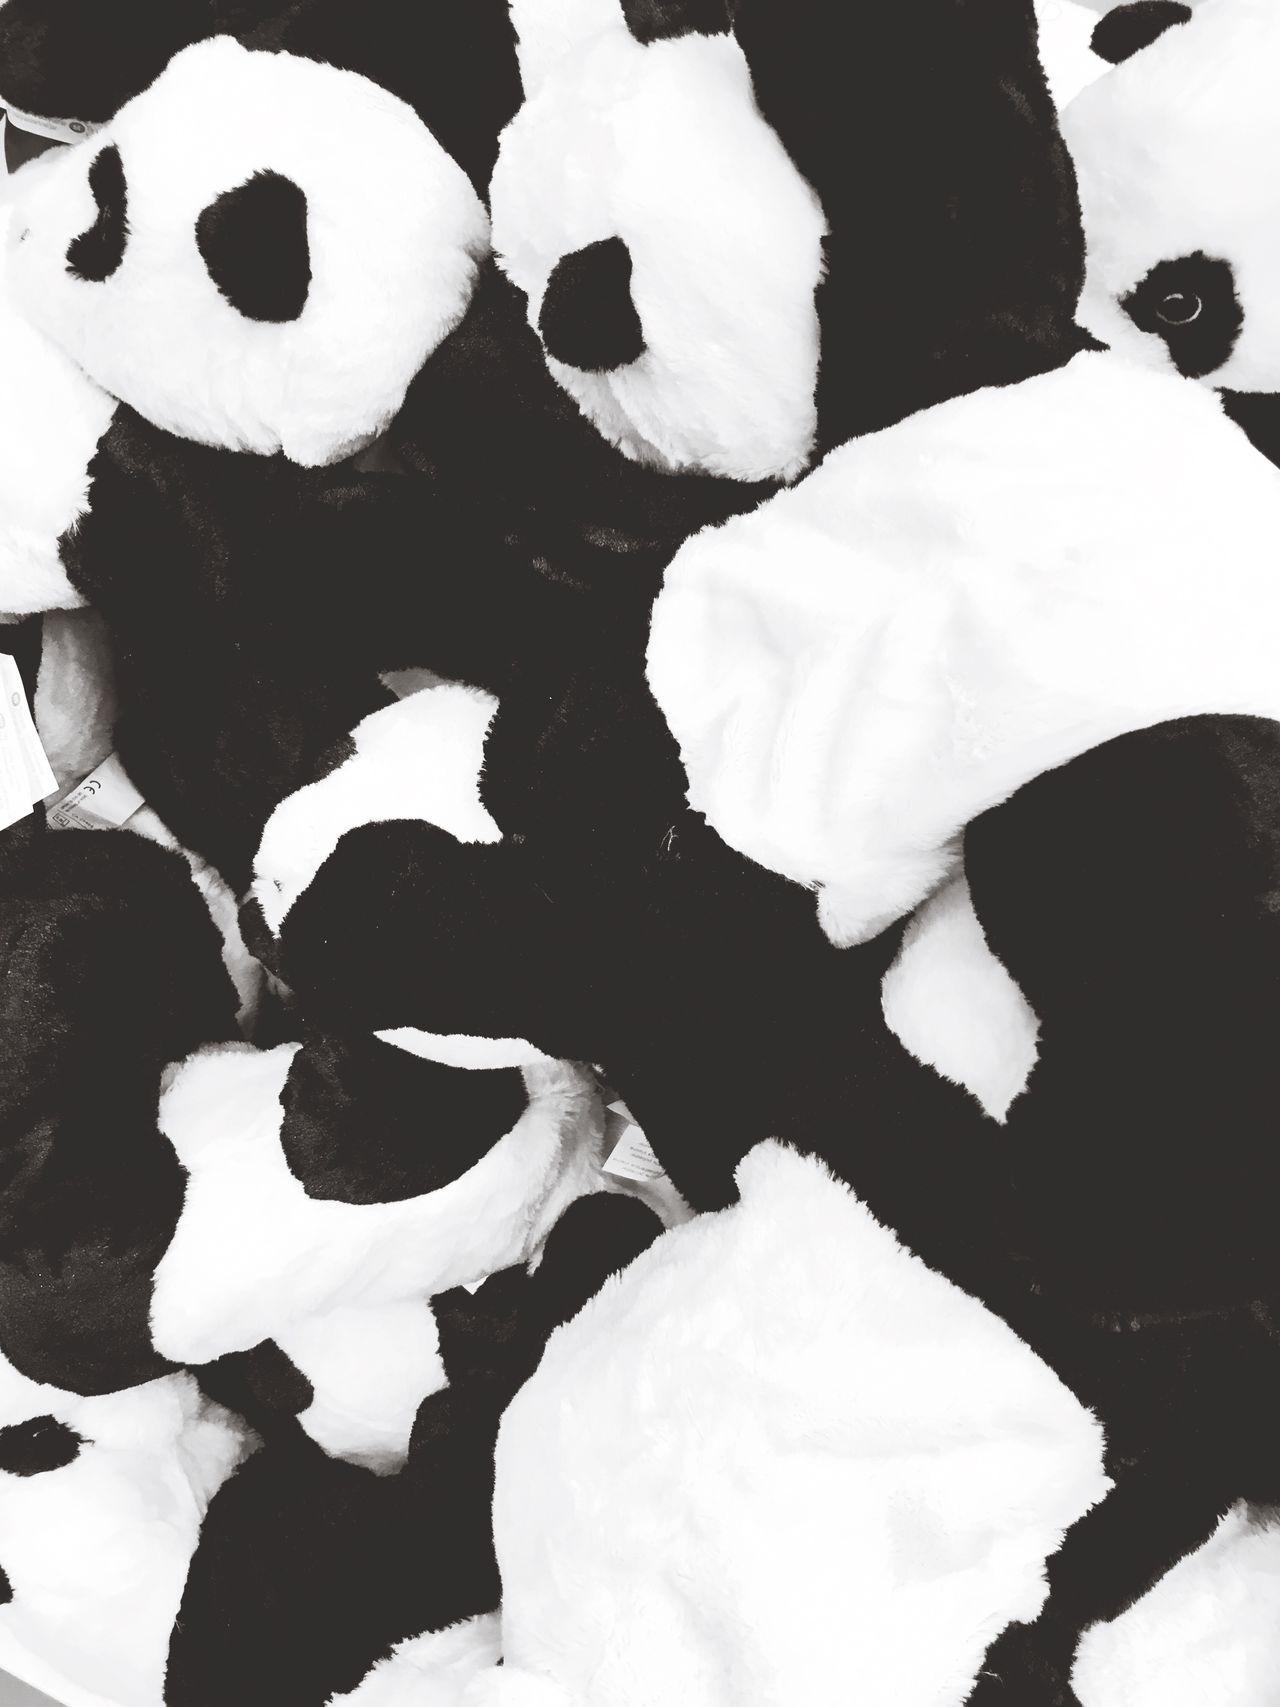 Panda Pupets Blackandwhite Monochrome Photography